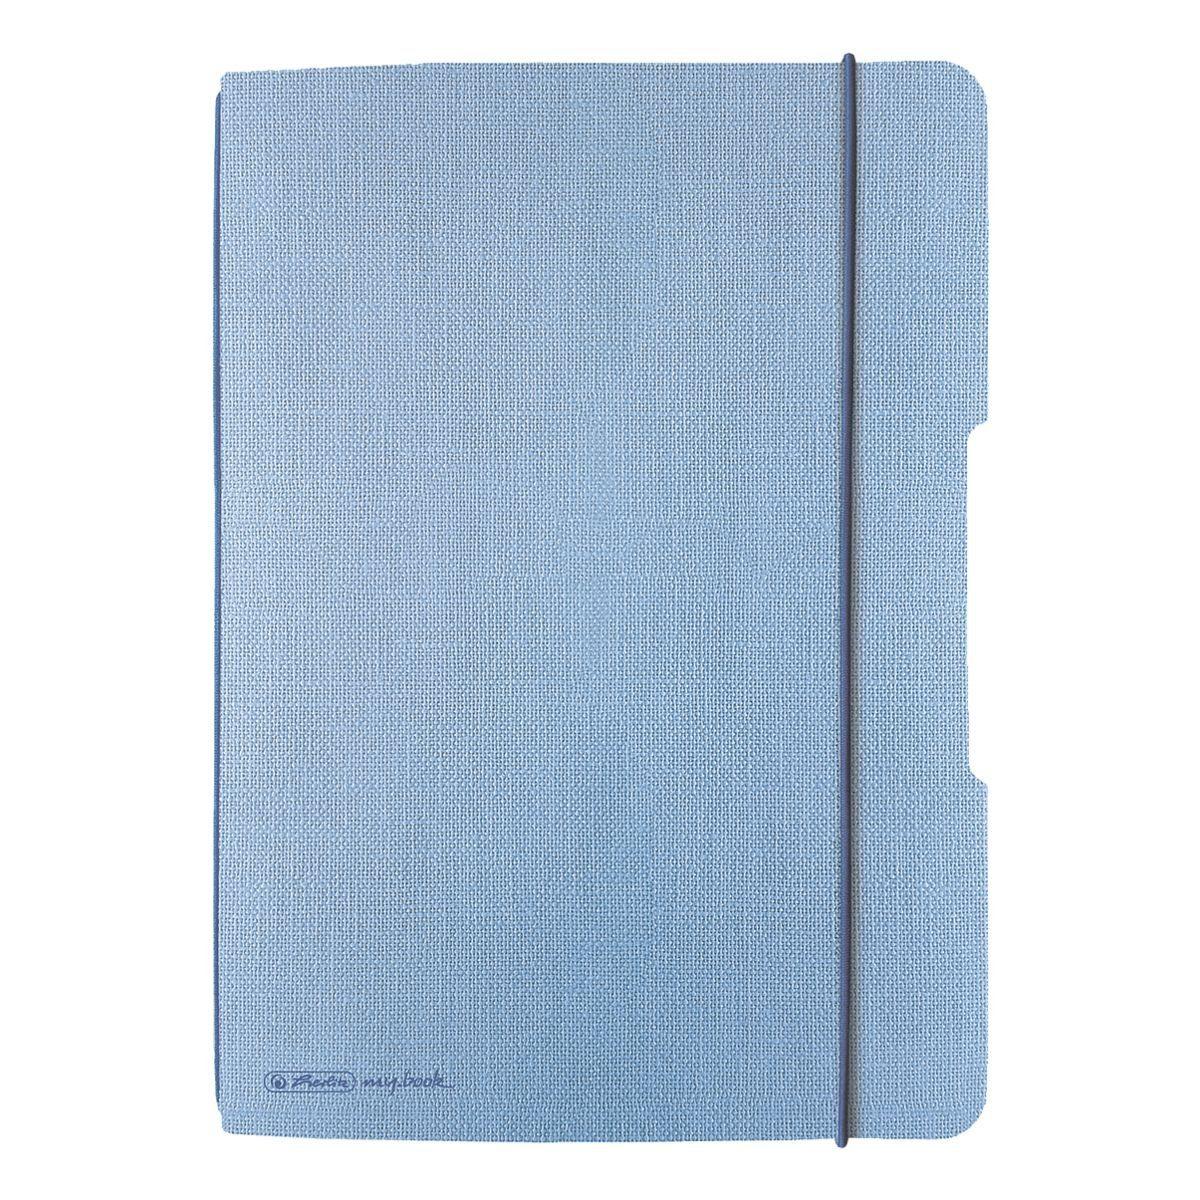 Notizheft my.book flex A5 kariert - 80 Seiten »Leinen«